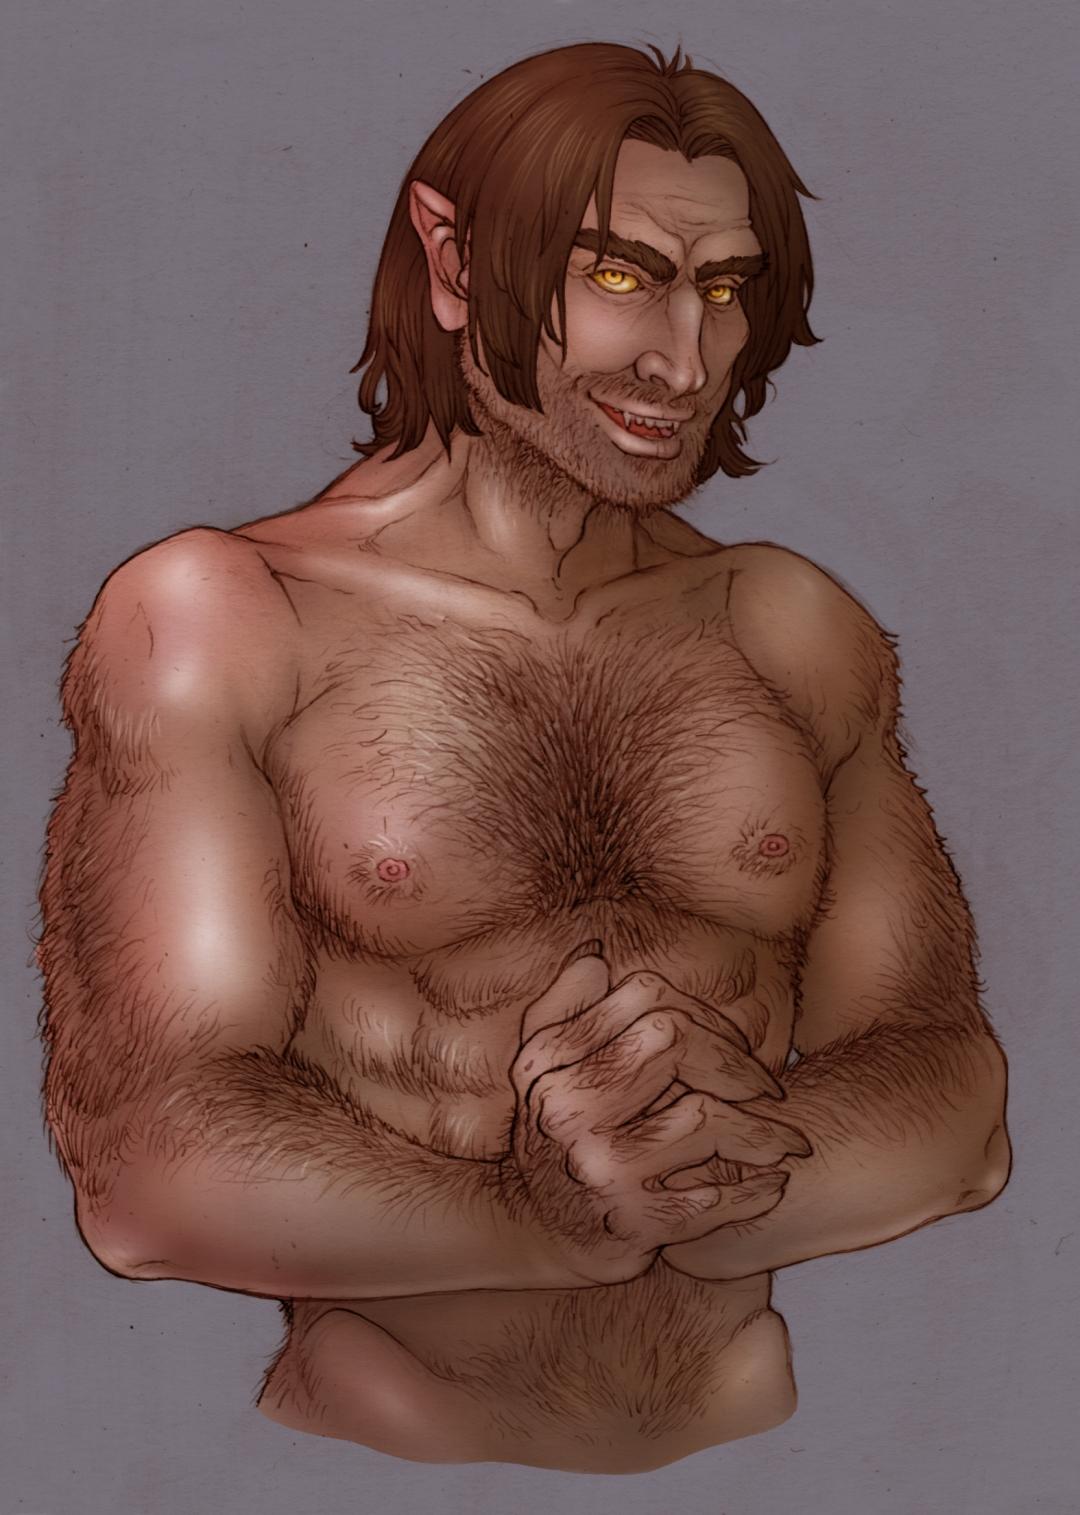 bigby werewolf